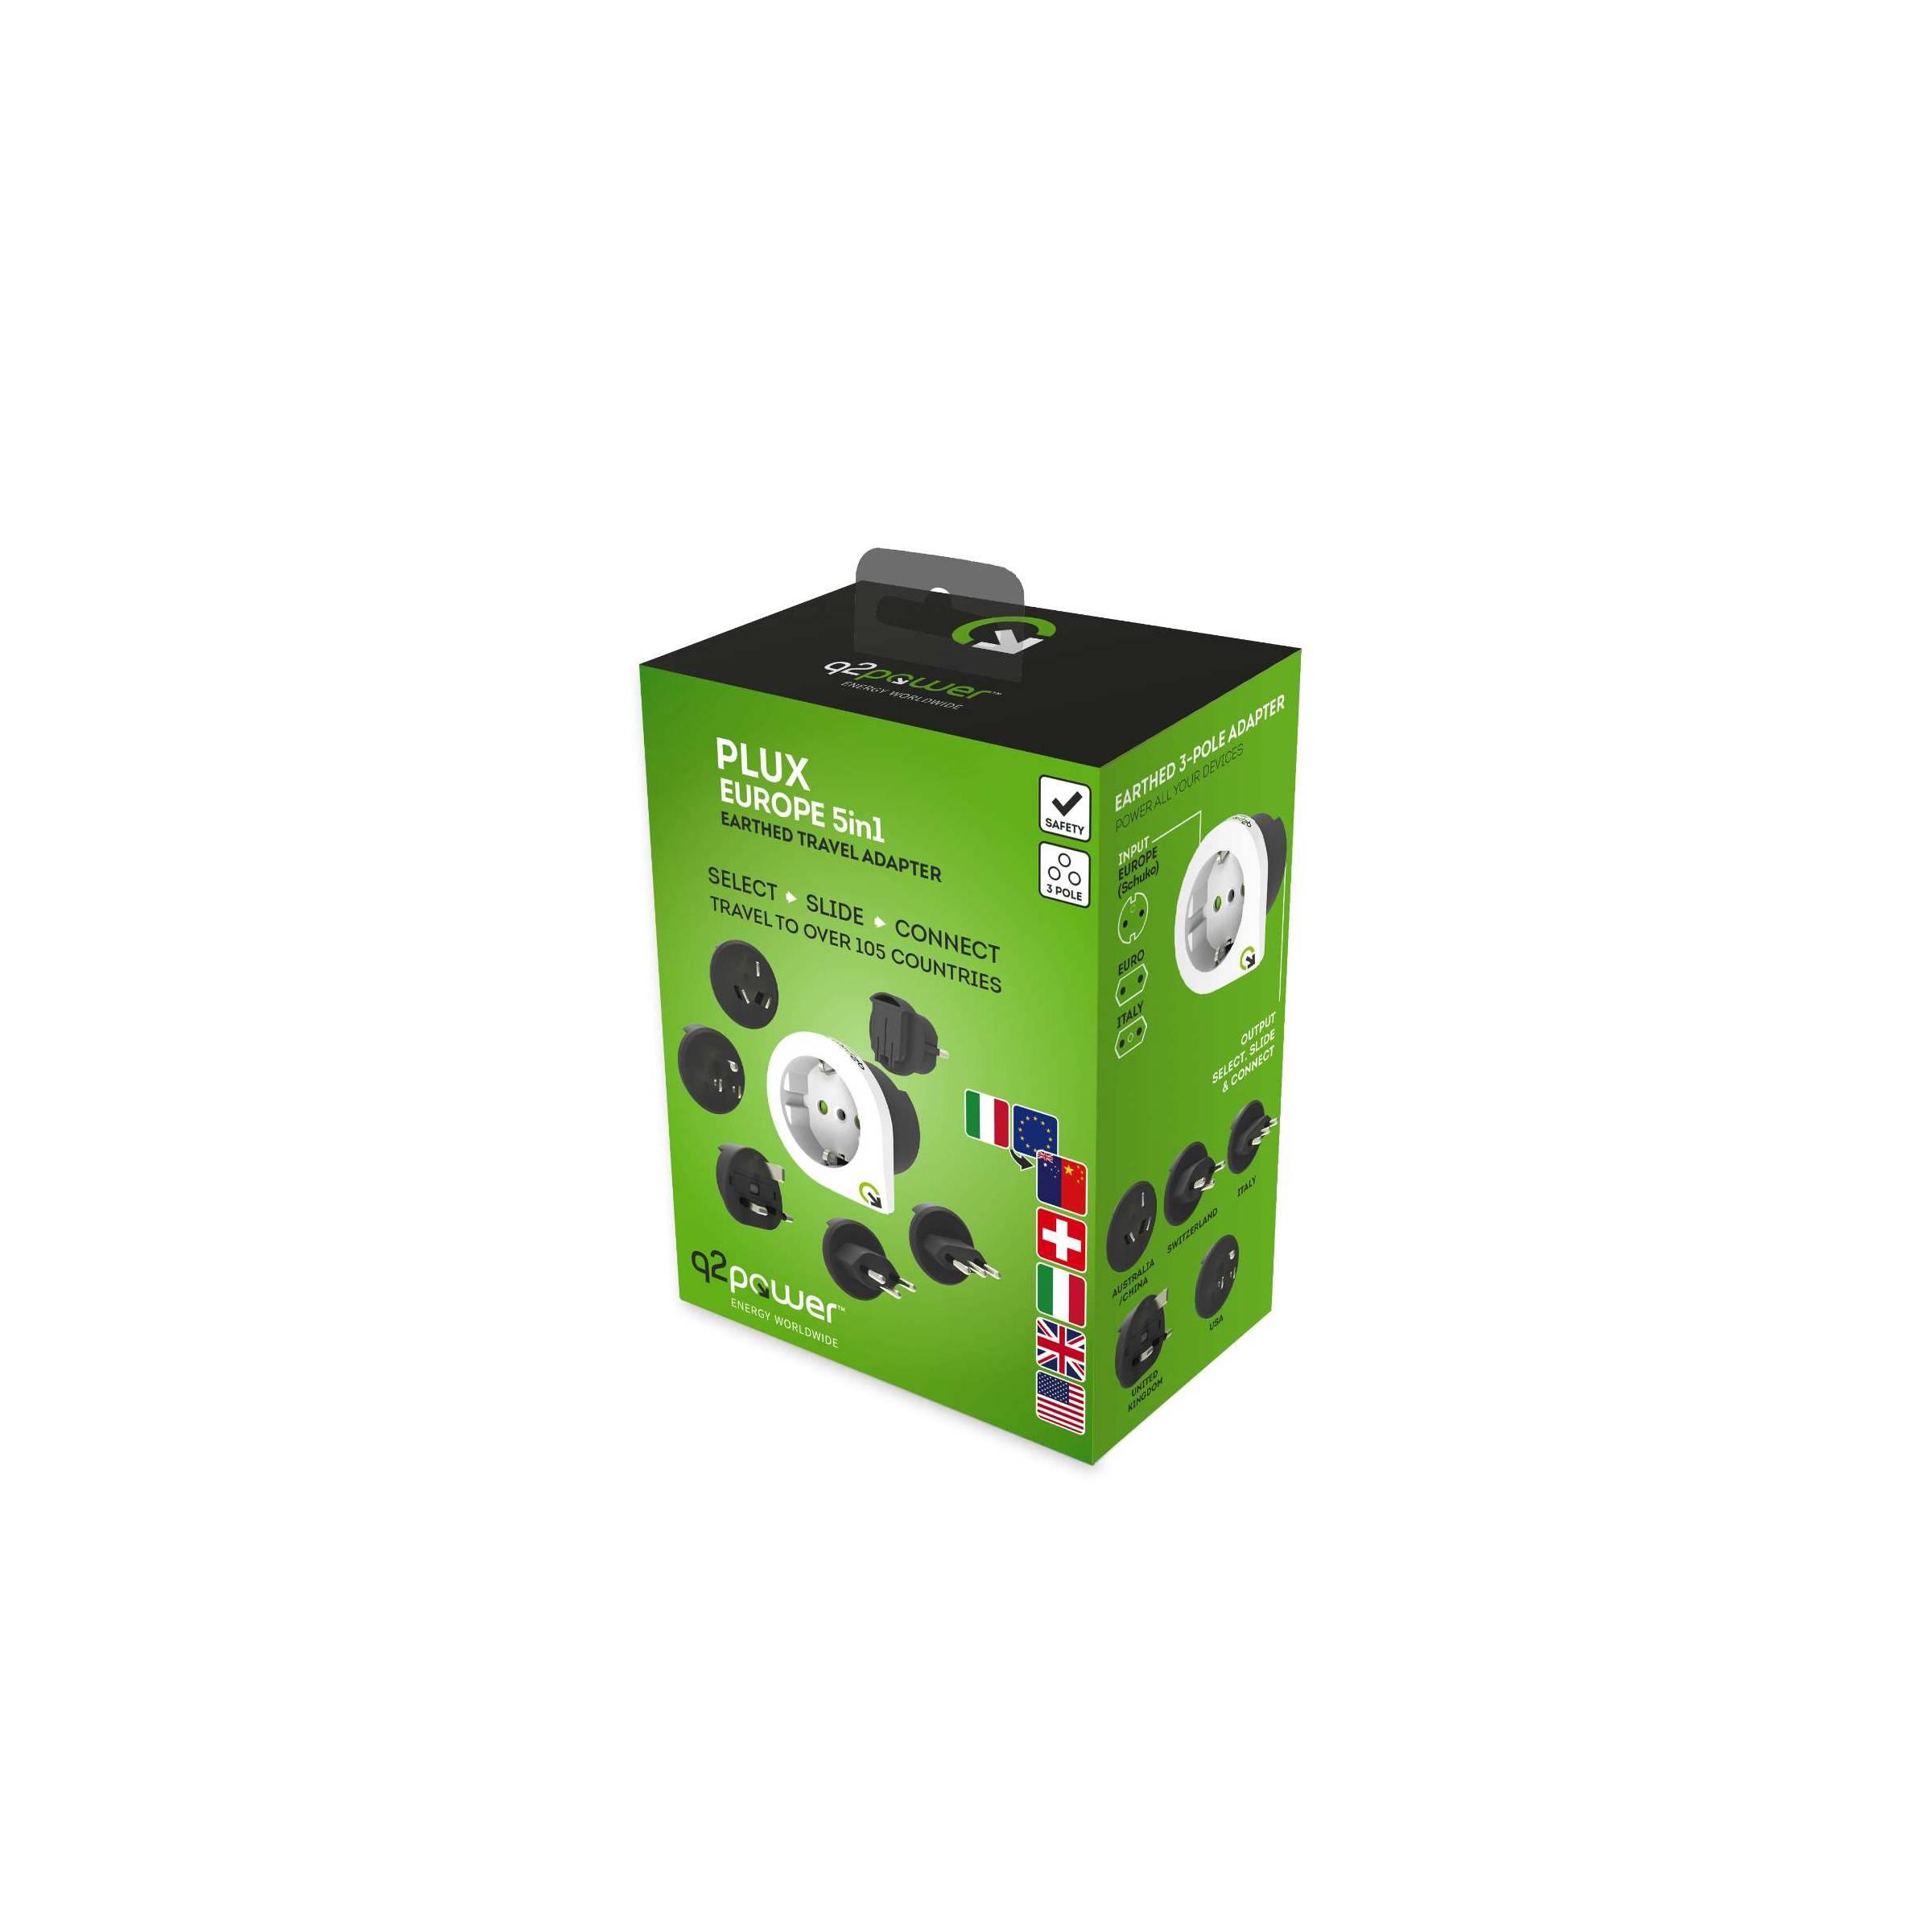 Q2power qplux 5 i 1 verden/eu til verden rejse adapter version europæisk stik fra q2power på mackabler.dk